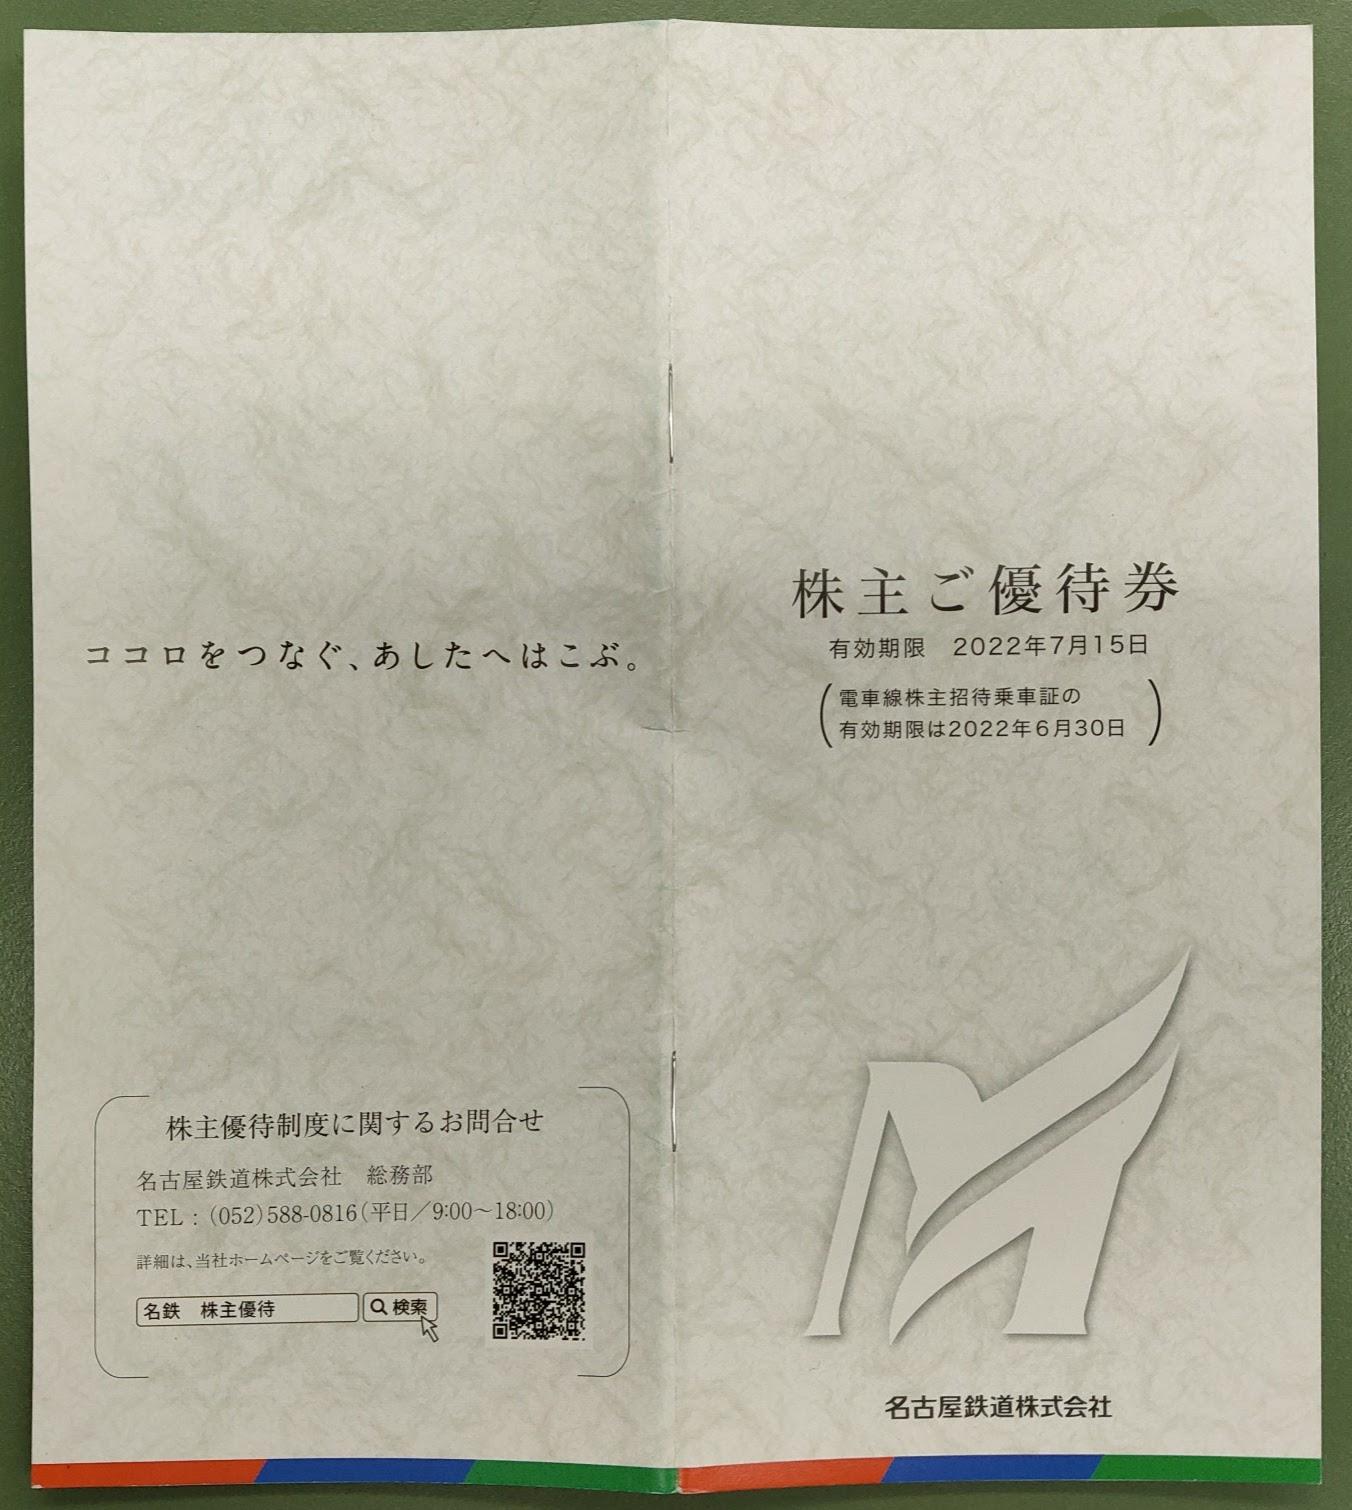 名鉄株主優待冊子(有効期限2022年7月15日)